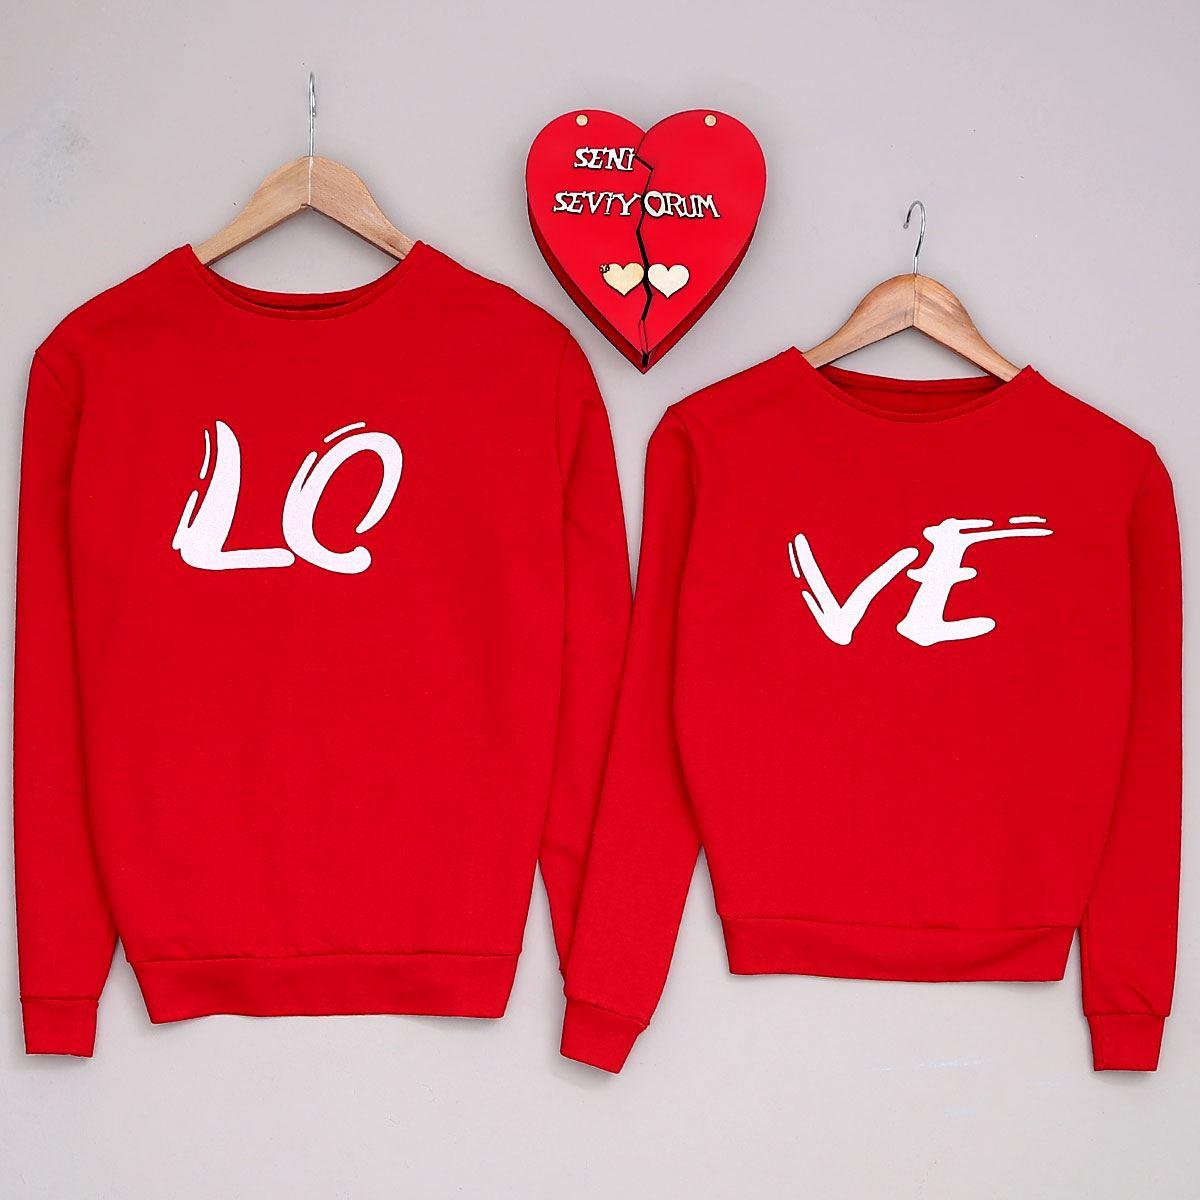 Lo Kırmızı Erkek Sevgili Kombini SVG247